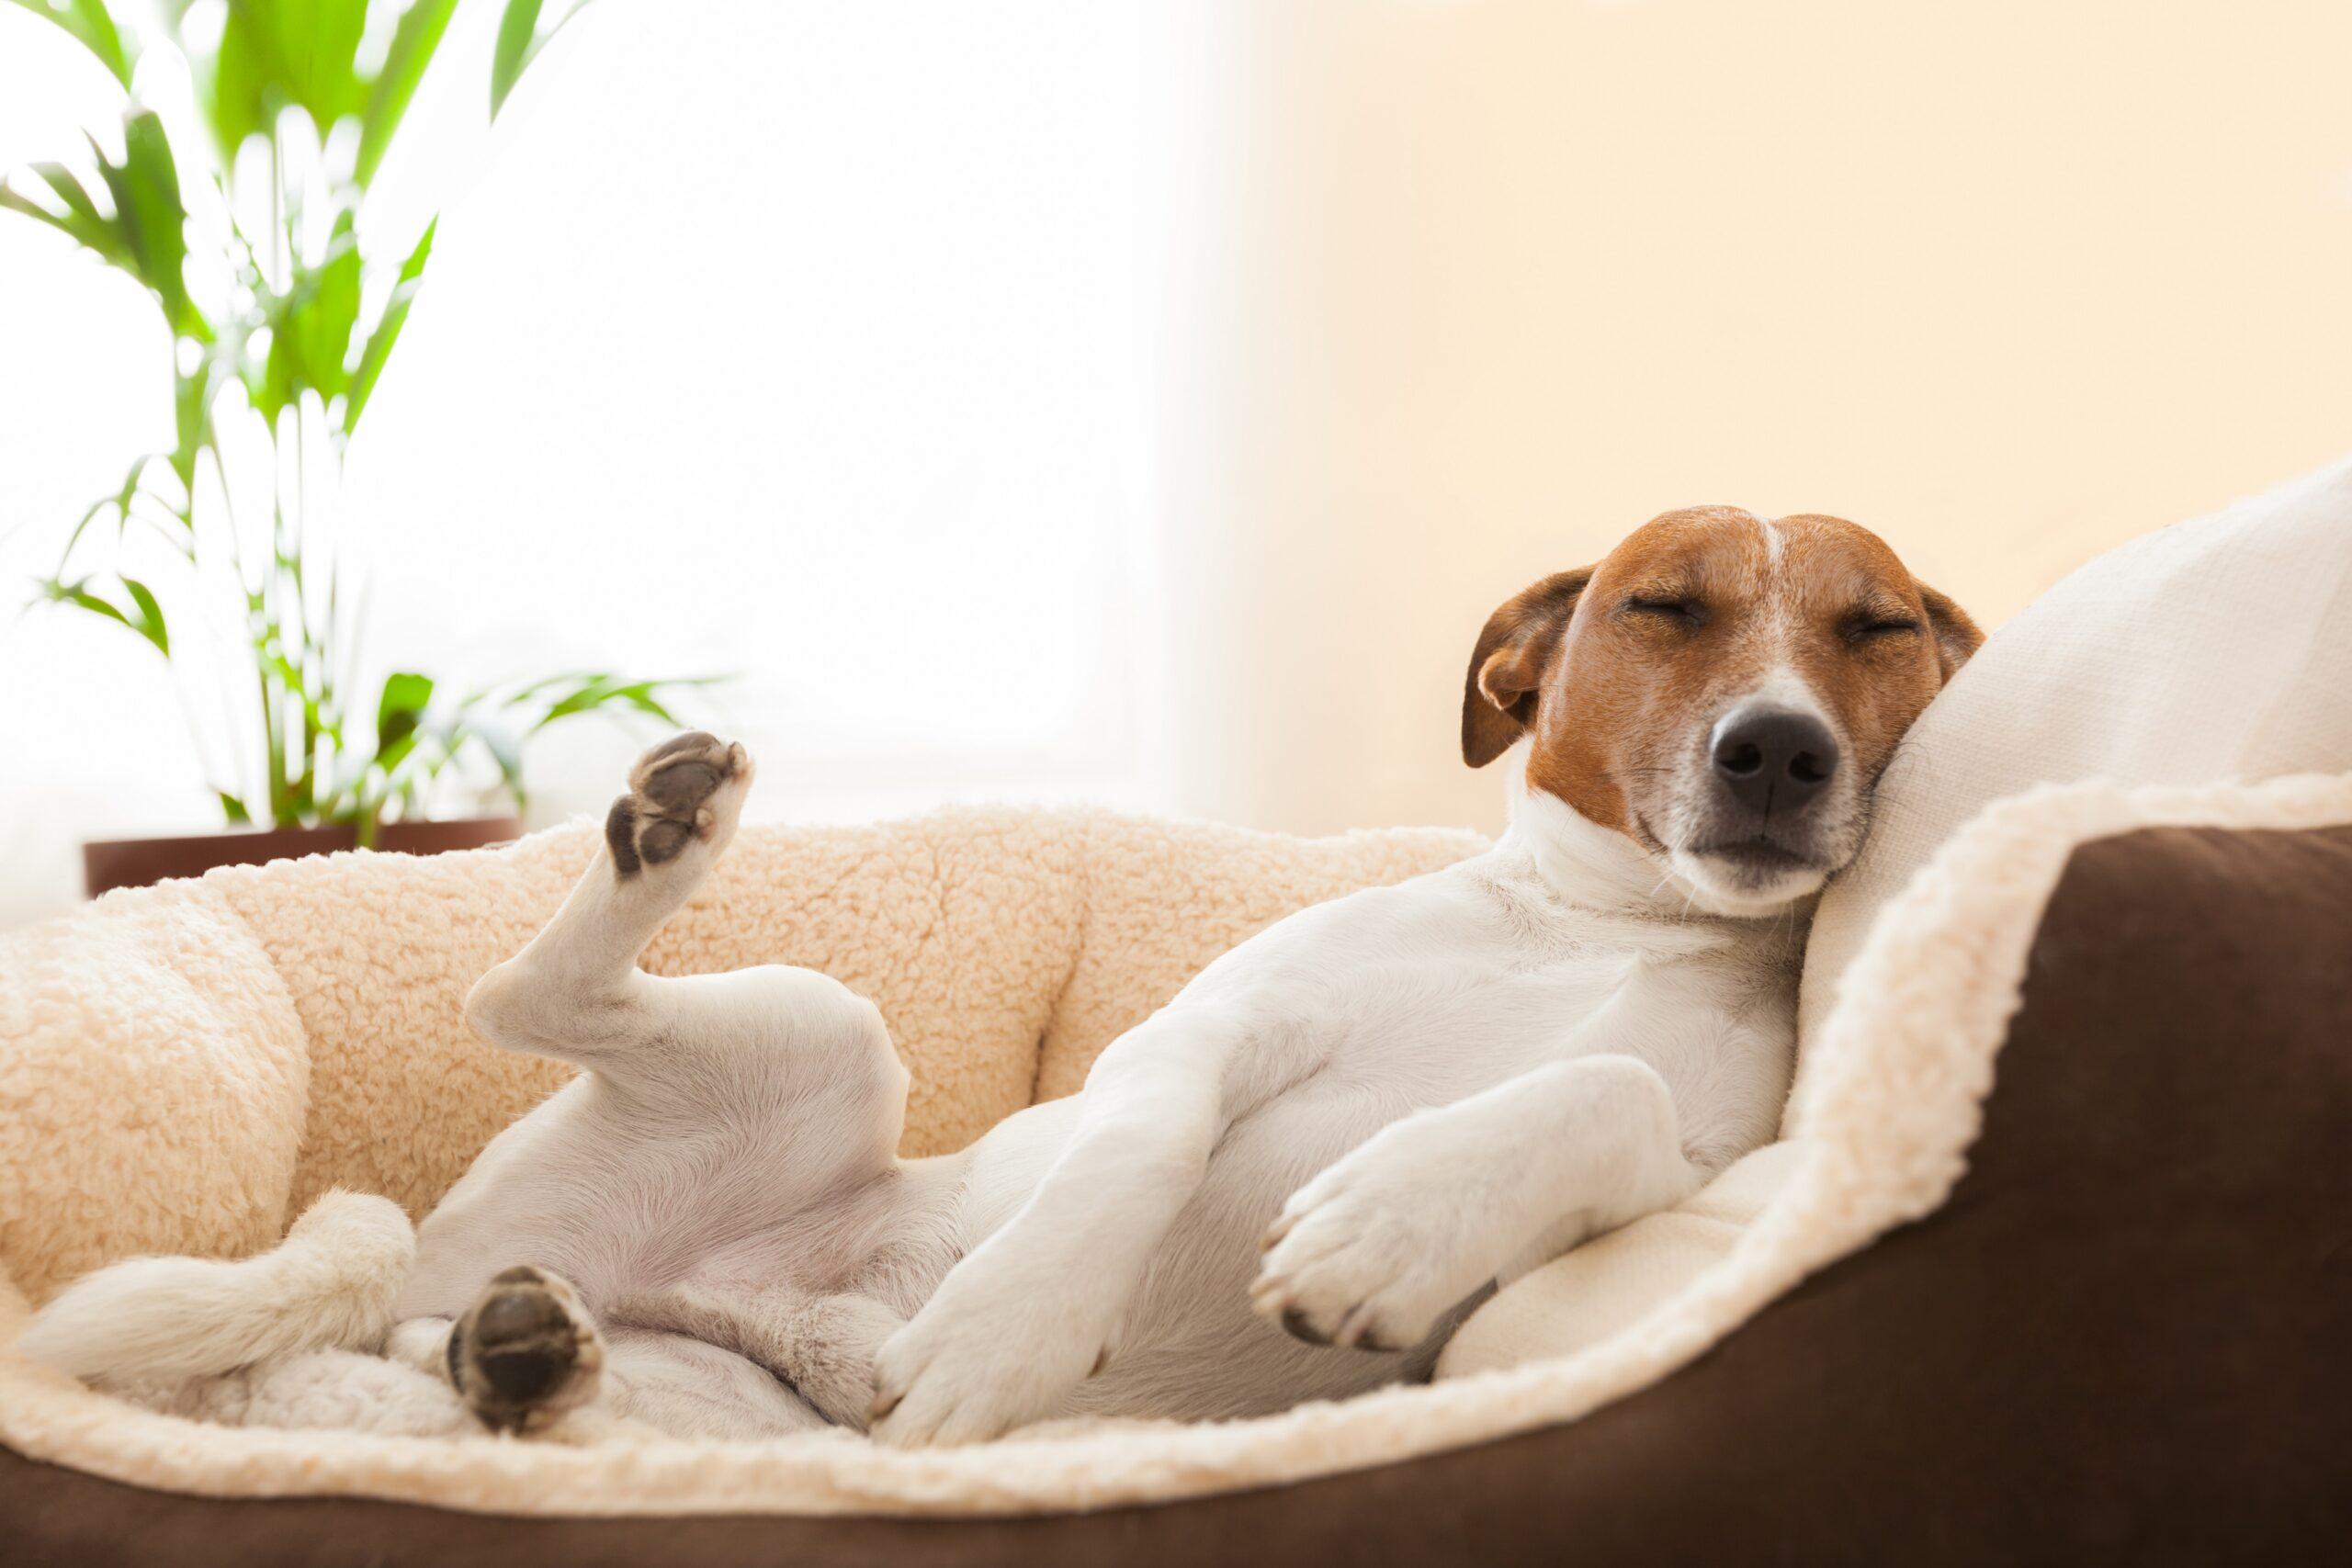 Full Size of Hundebett Wolke Zooplus Orthopdische Hundebetten Schmerzfreier Schlaf Wohnzimmer Hundebett Wolke Zooplus